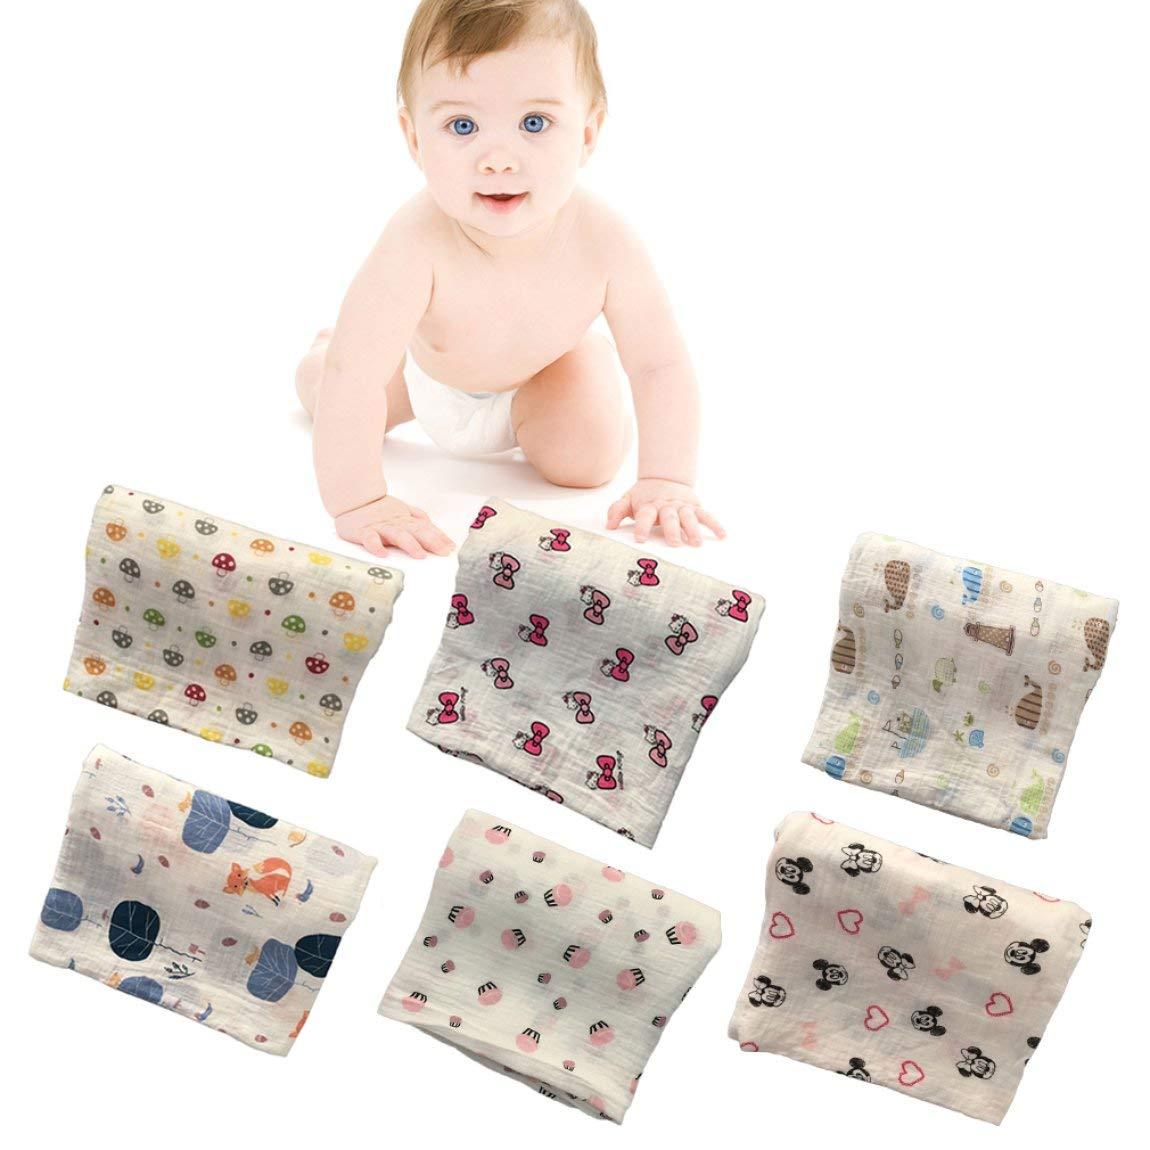 Farbe: mehrfarbig 120x120cm Musselin Baby Wickeldecke Baby Wickel Baumwolle 100/% Neugeborenes Baby Badetuch Wickeldecken Multi Designs Funktionen